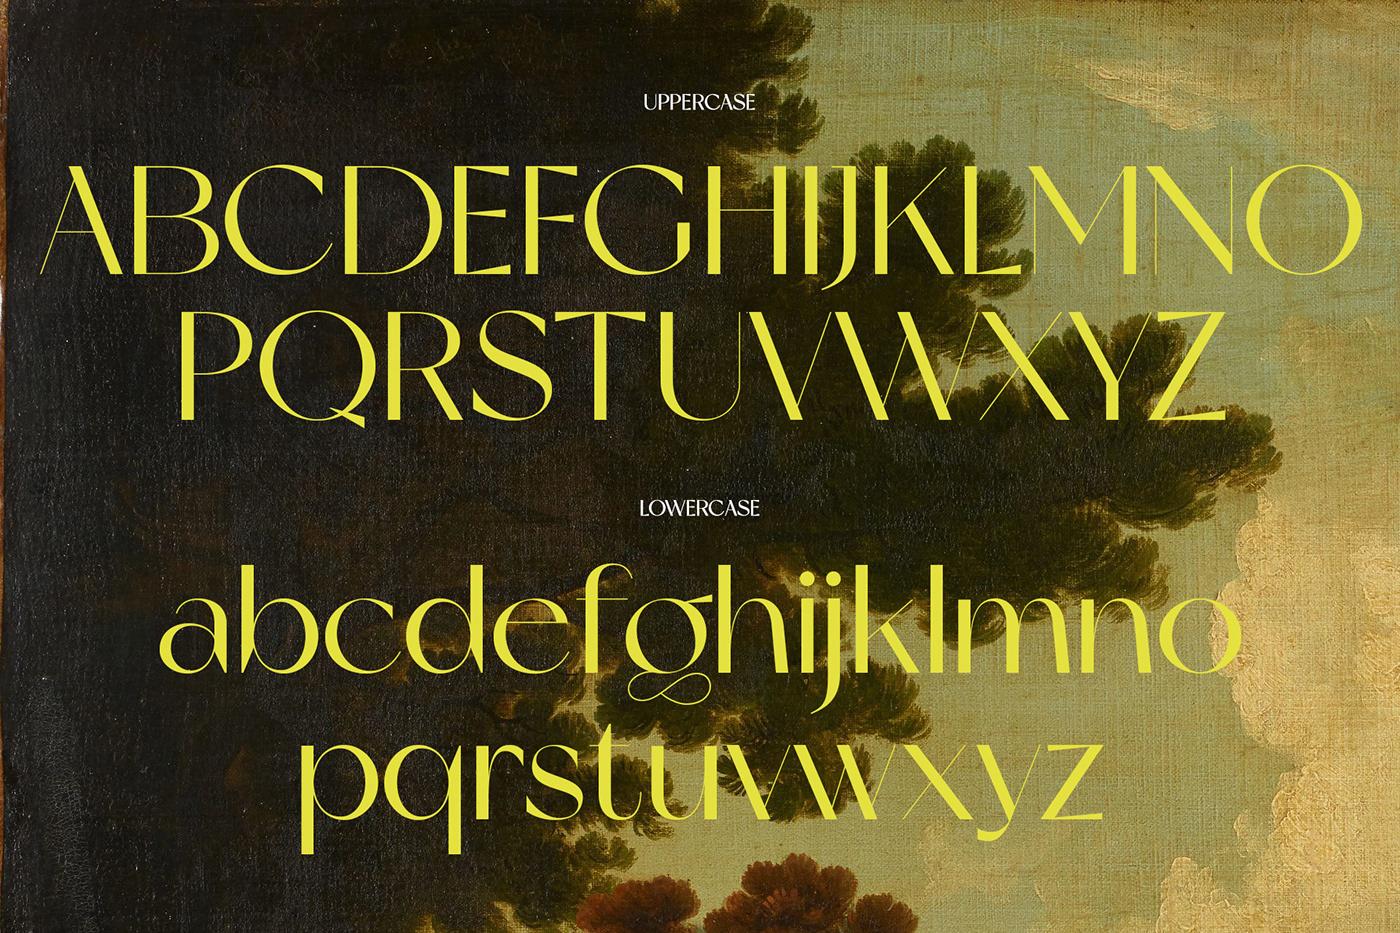 现代时尚杂志标题徽标Logo设计无衬线英文字体素材 Miracle Typeface插图6